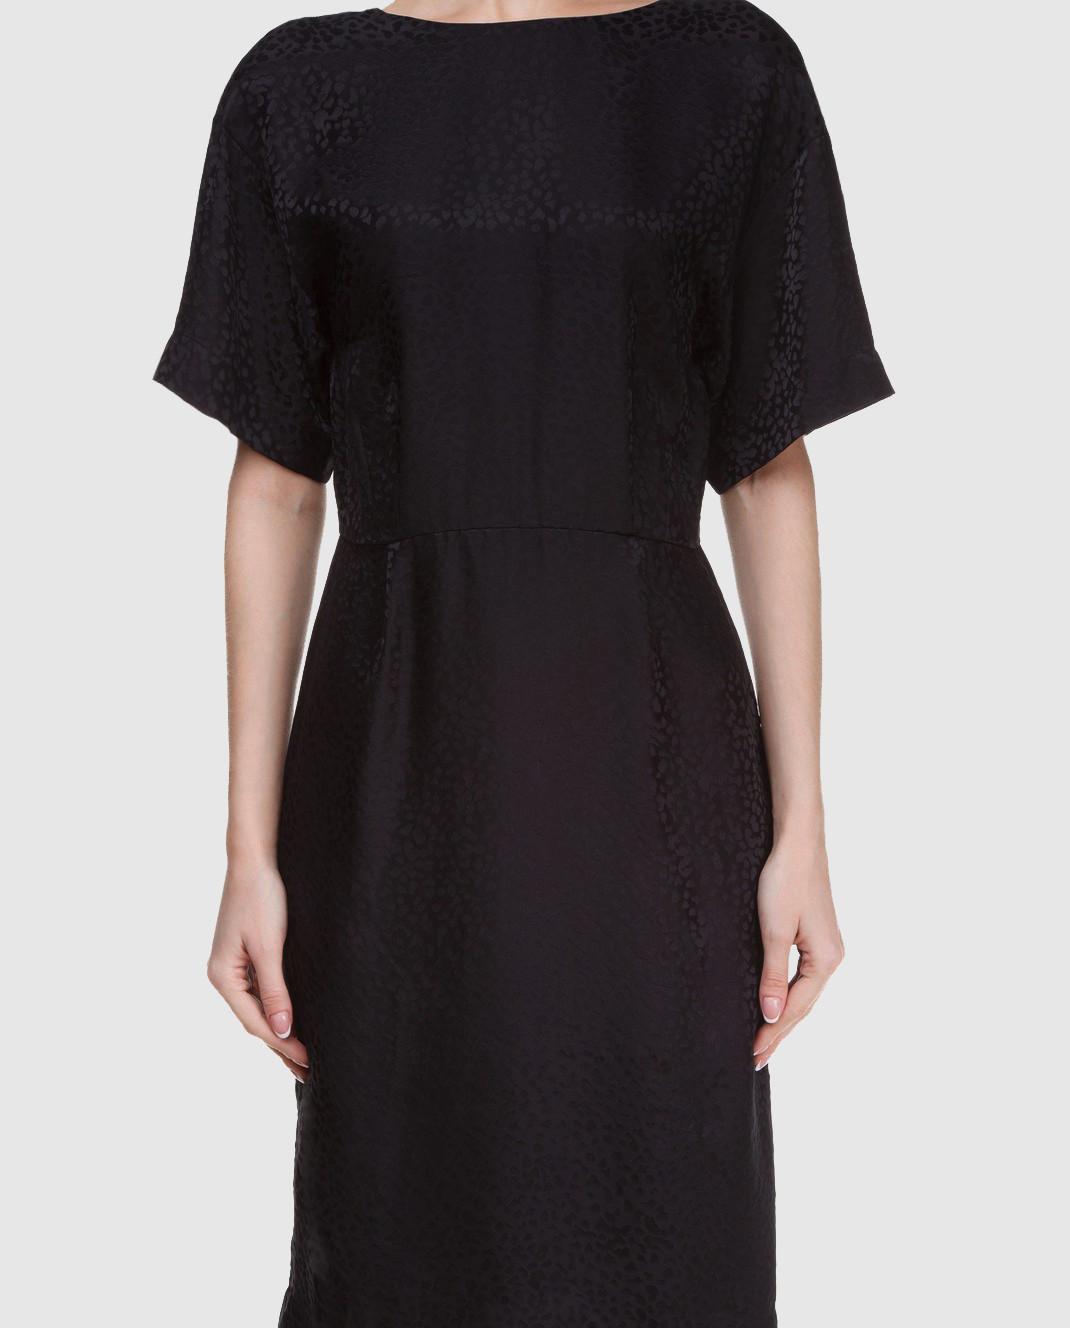 Alexander Terekhov Черное платье из шелка изображение 3